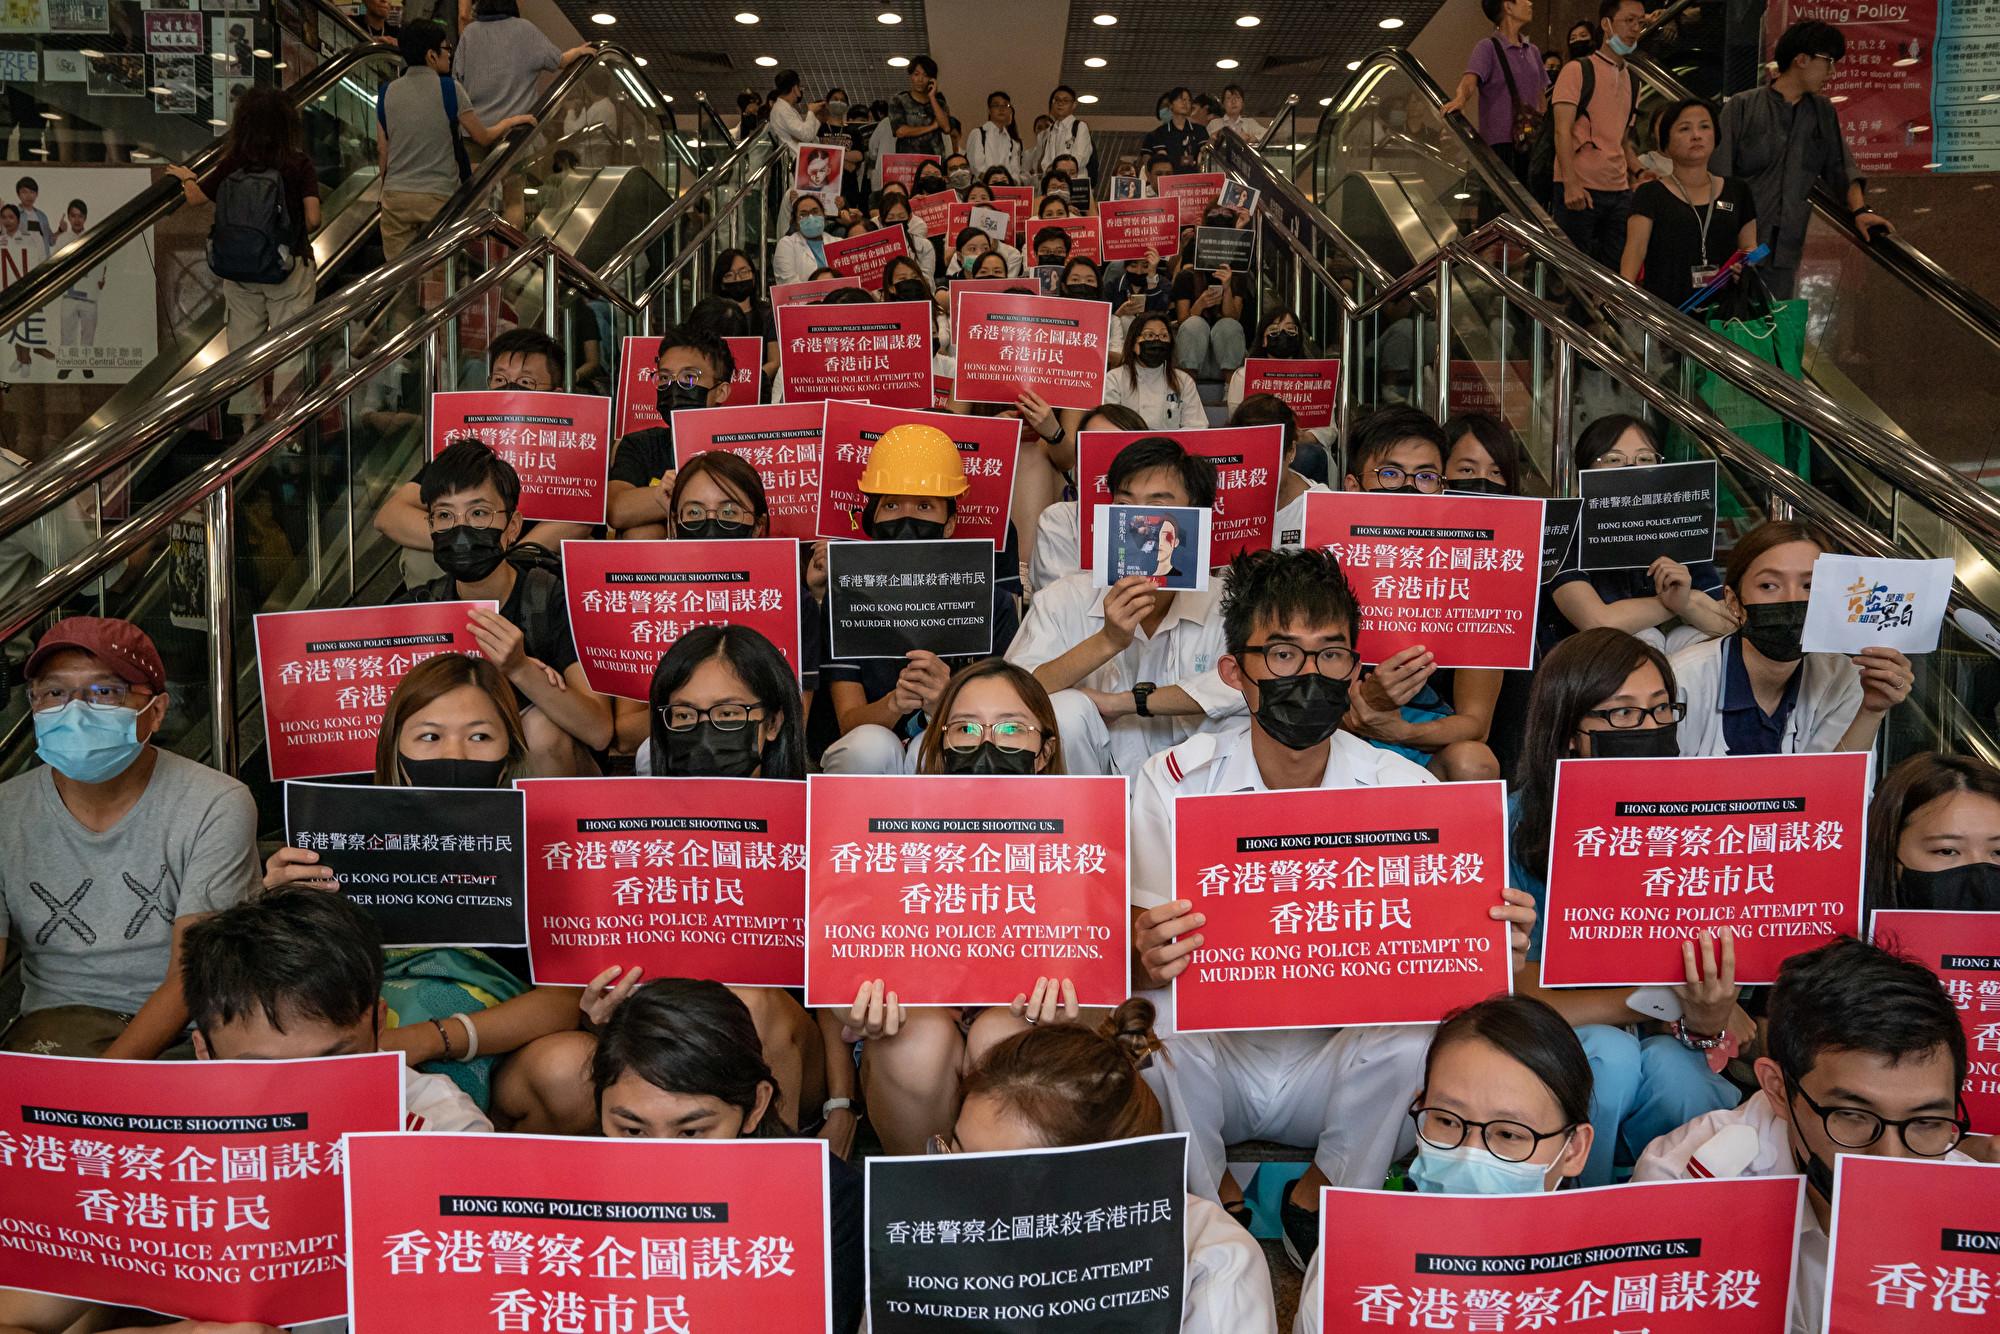 【新聞看點】香港危局 北京無能解困出邪招